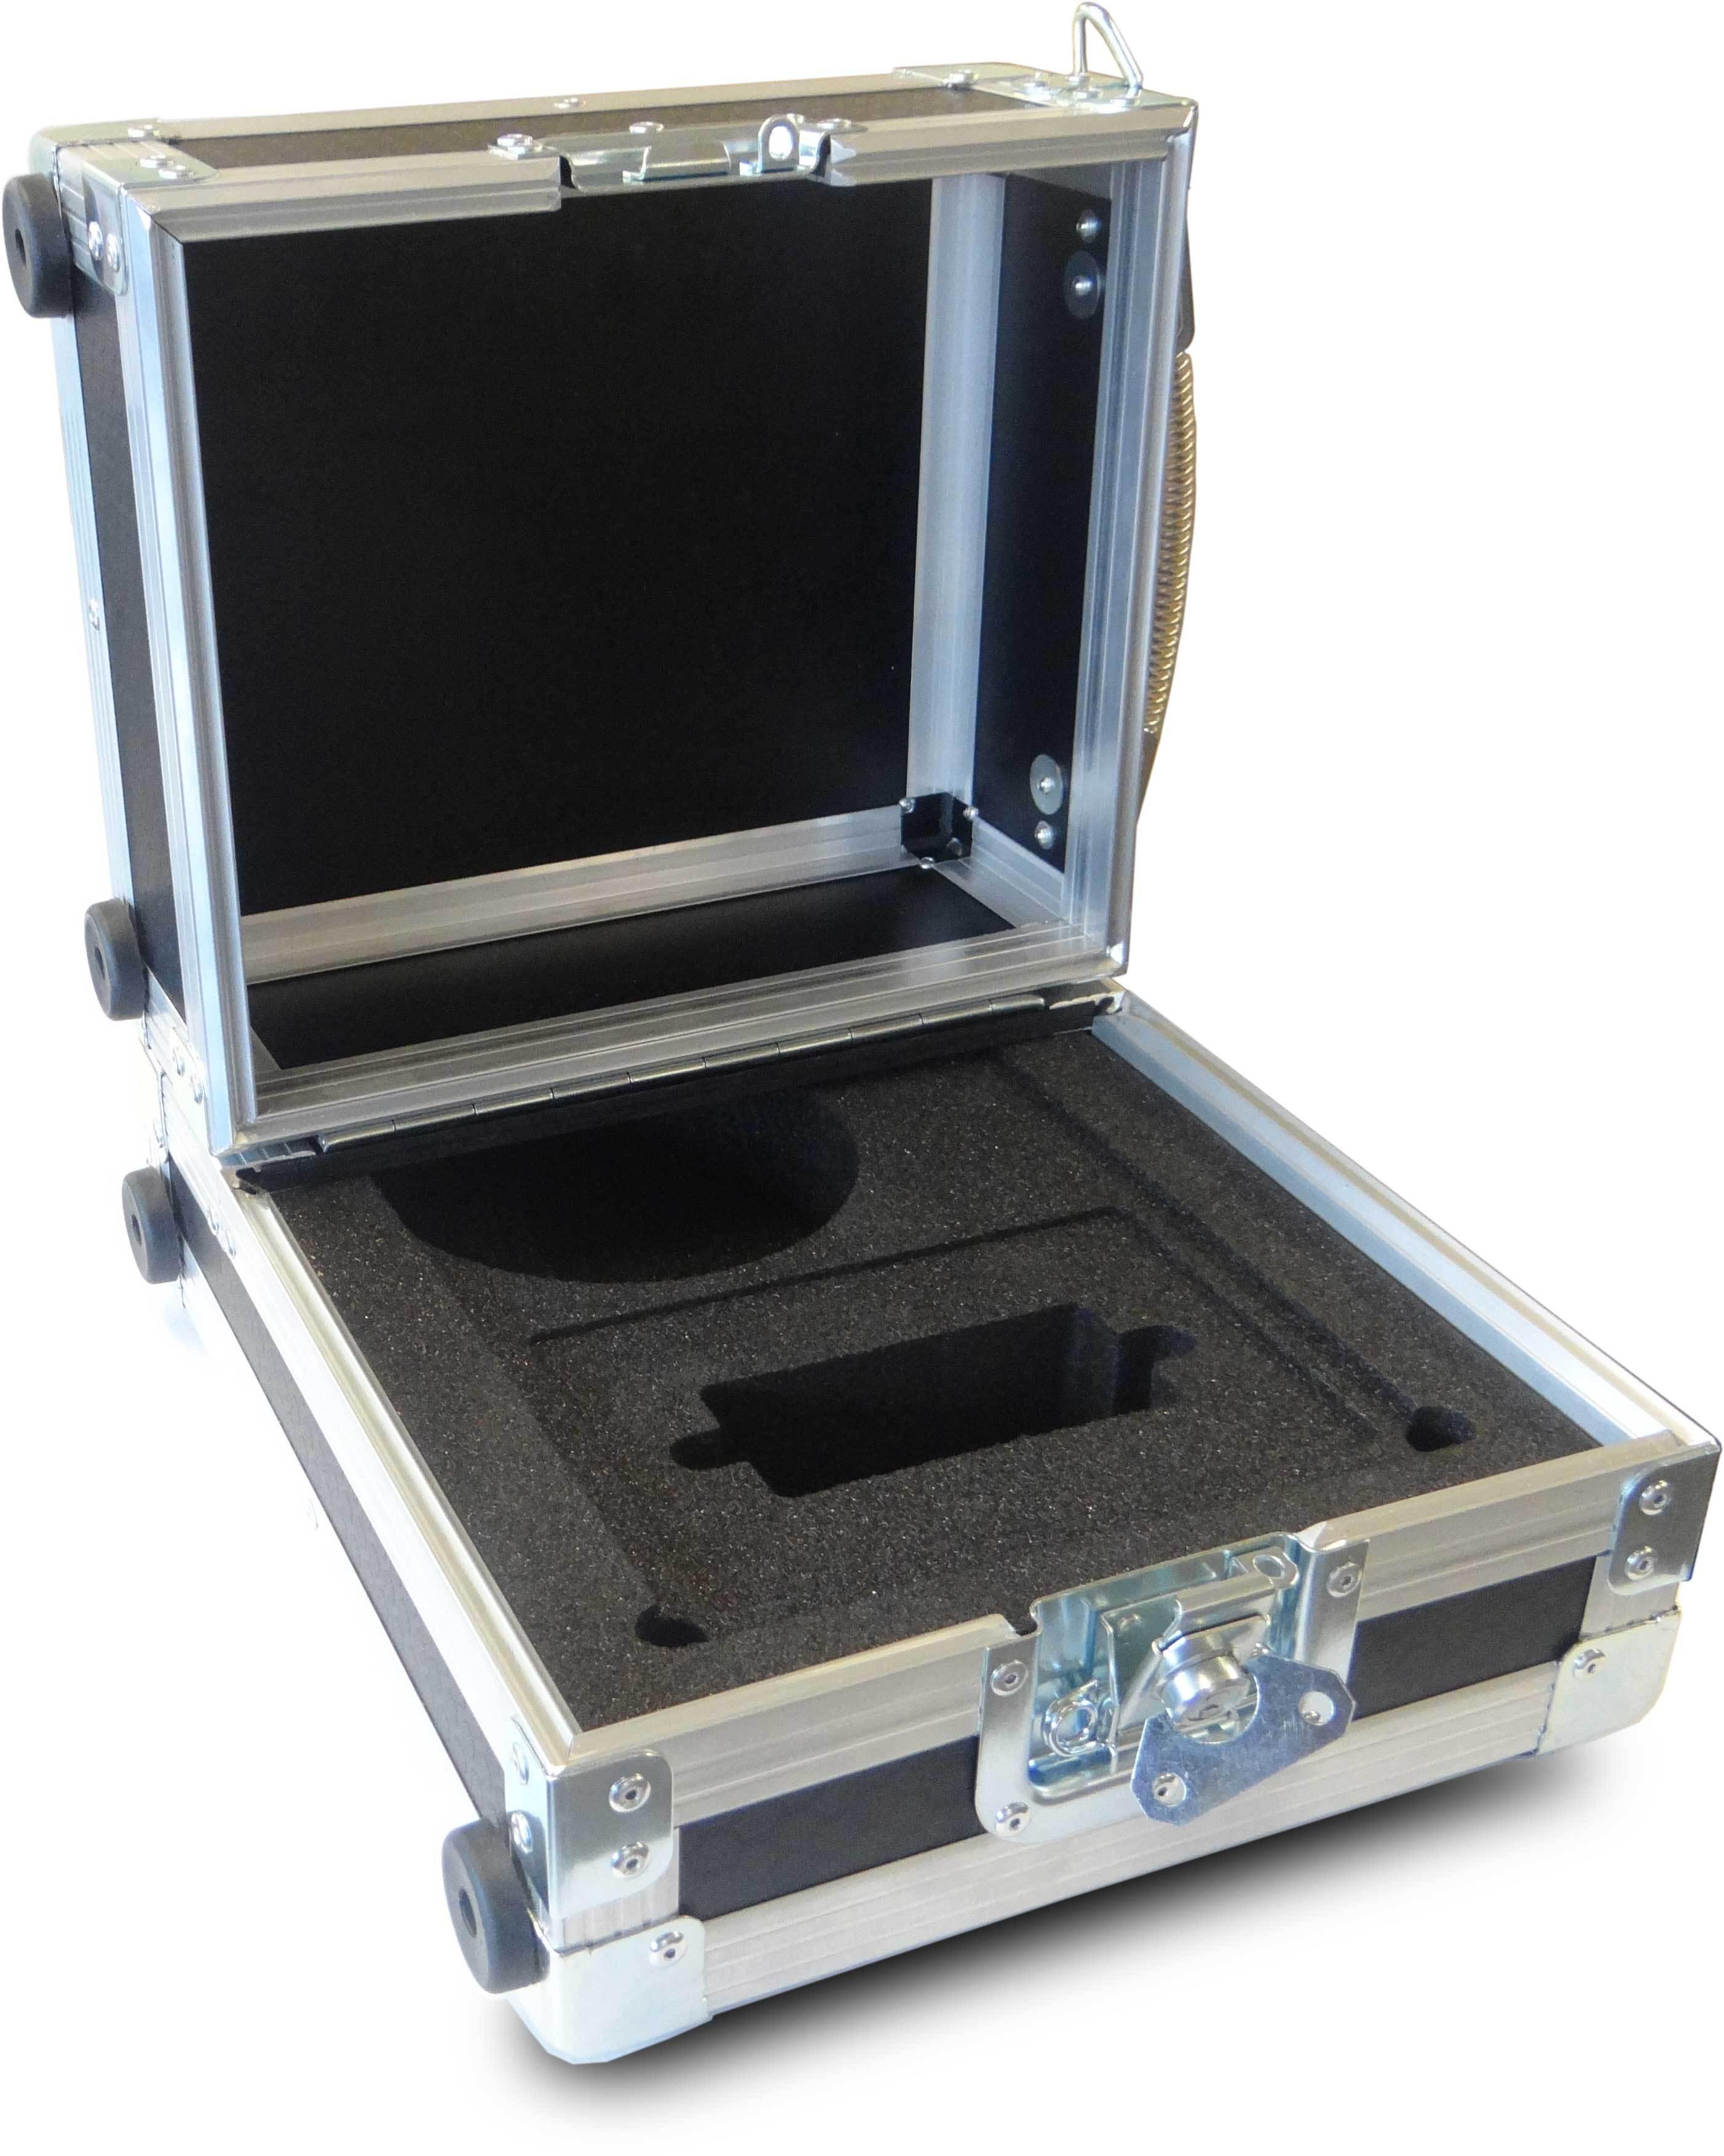 custom-foam-interior-for-flight-case